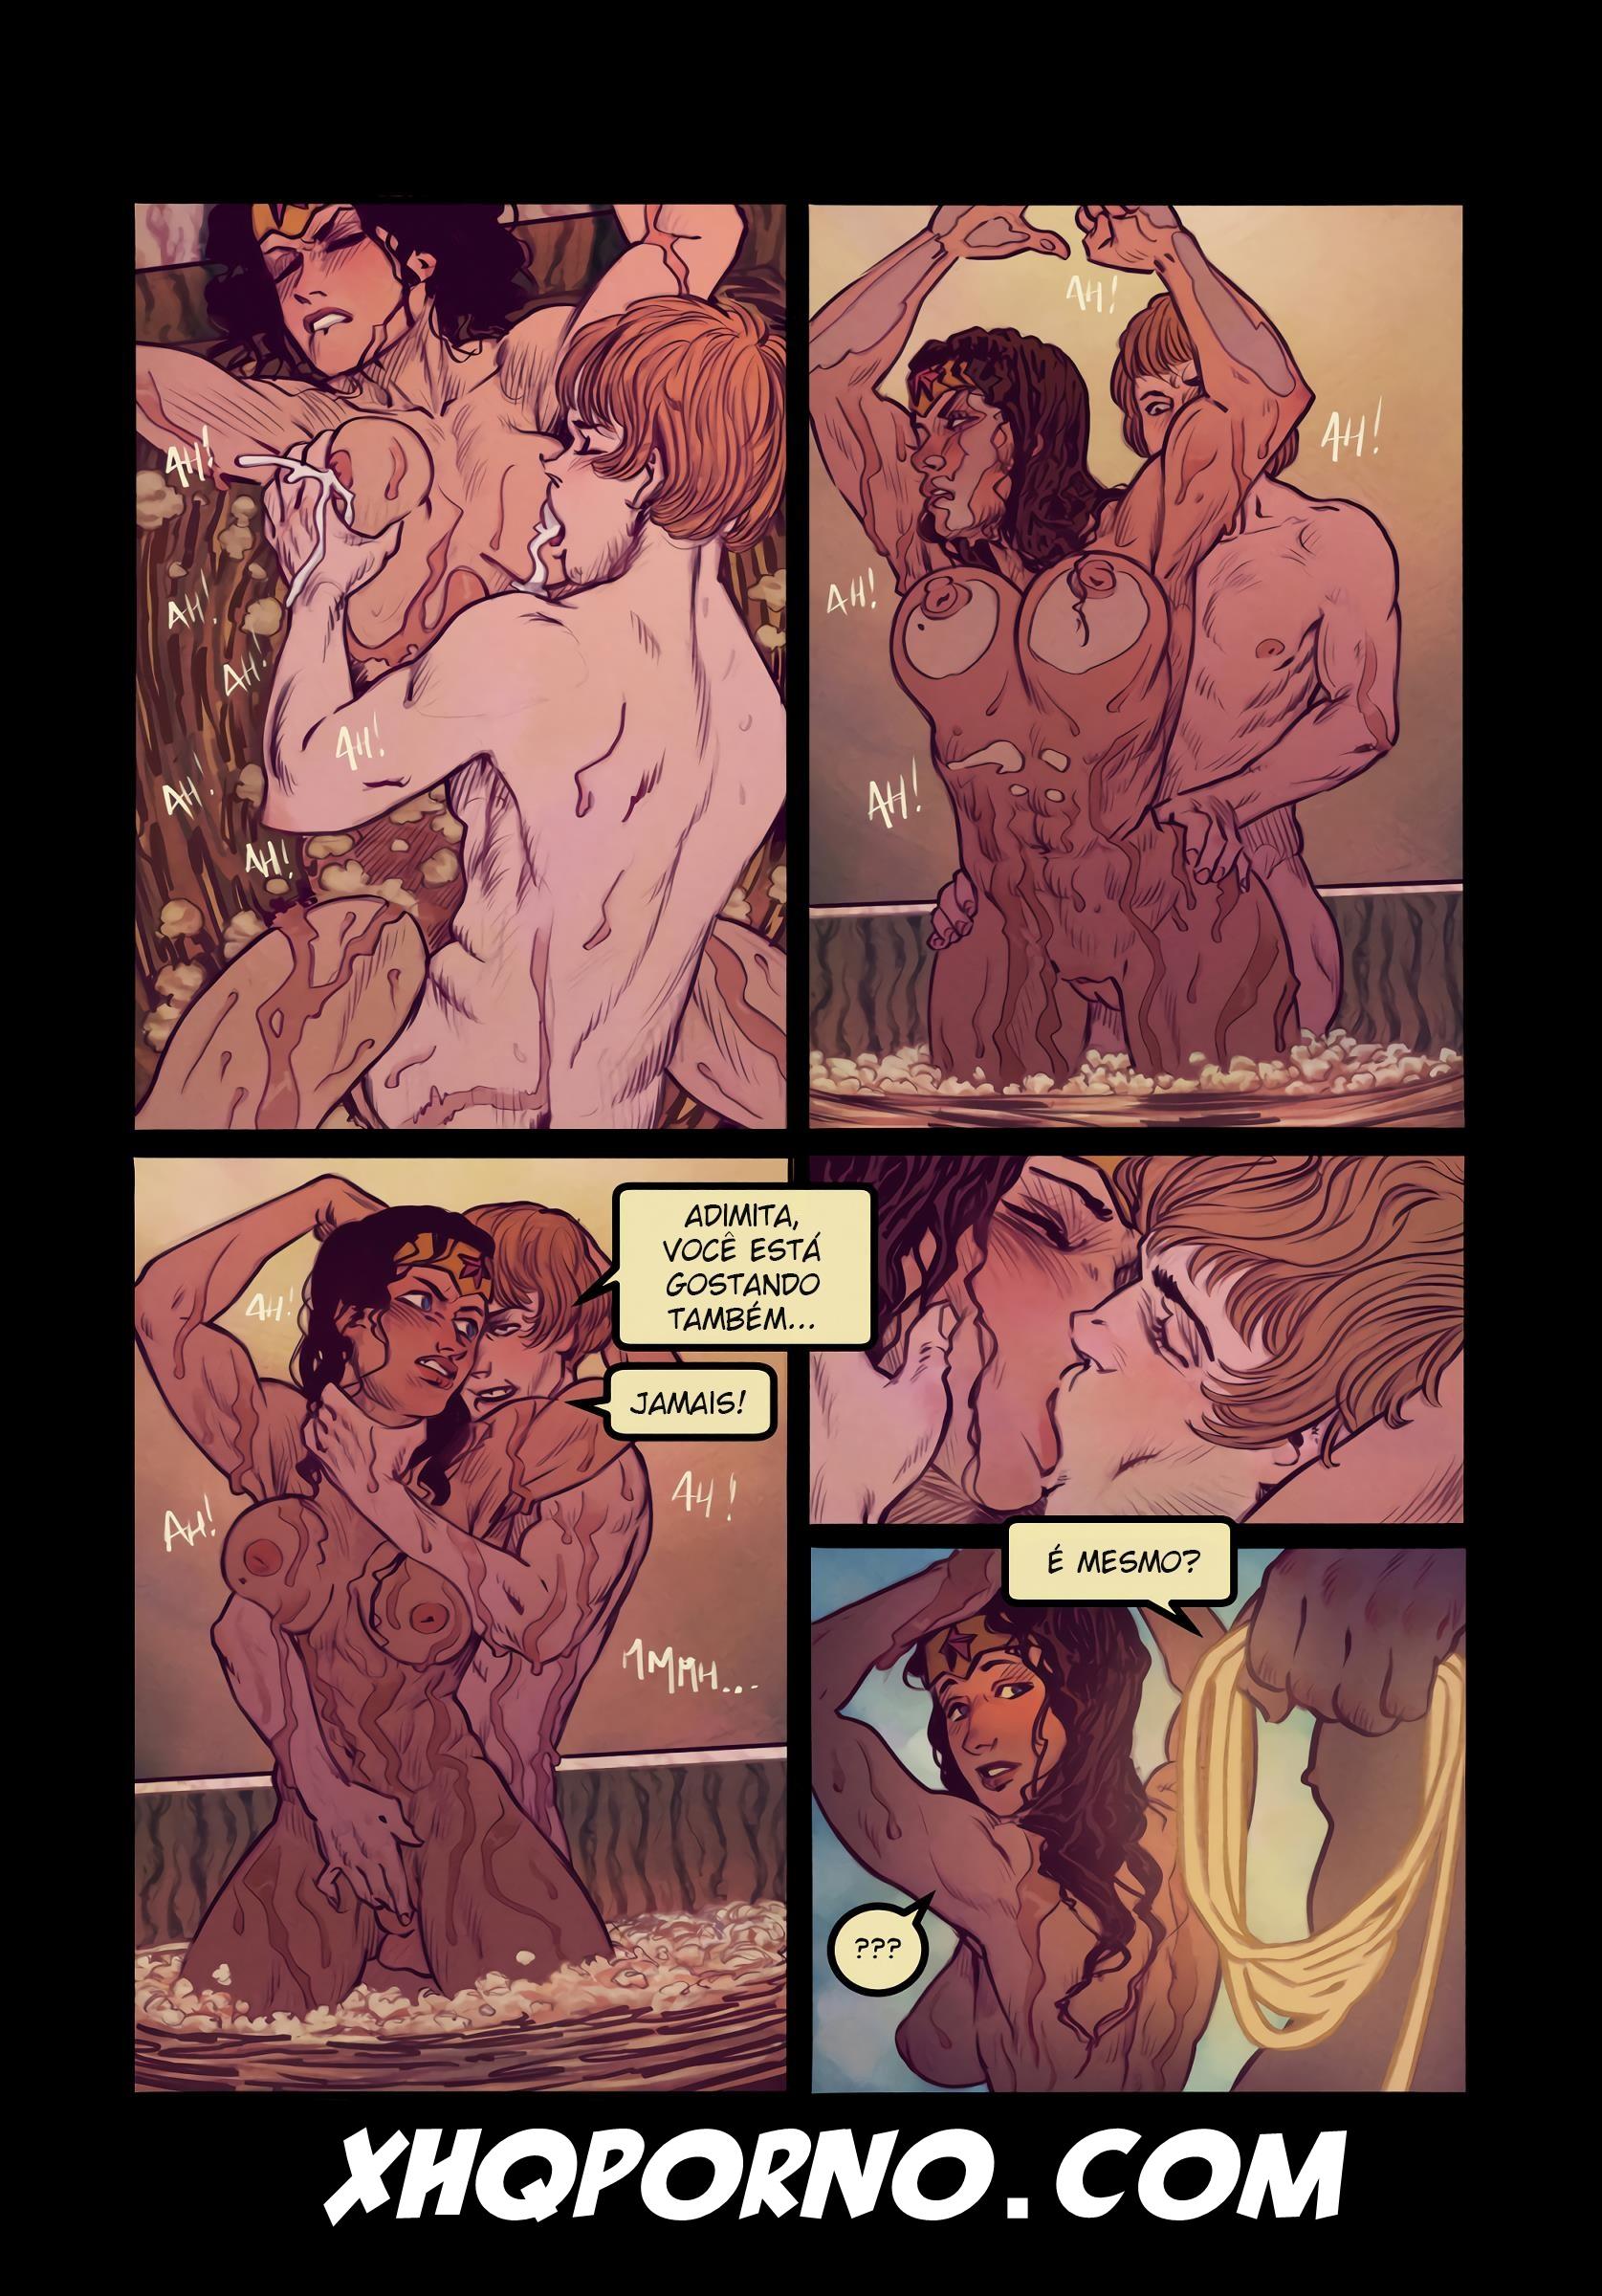 Wonder Woman's Bathroom Break